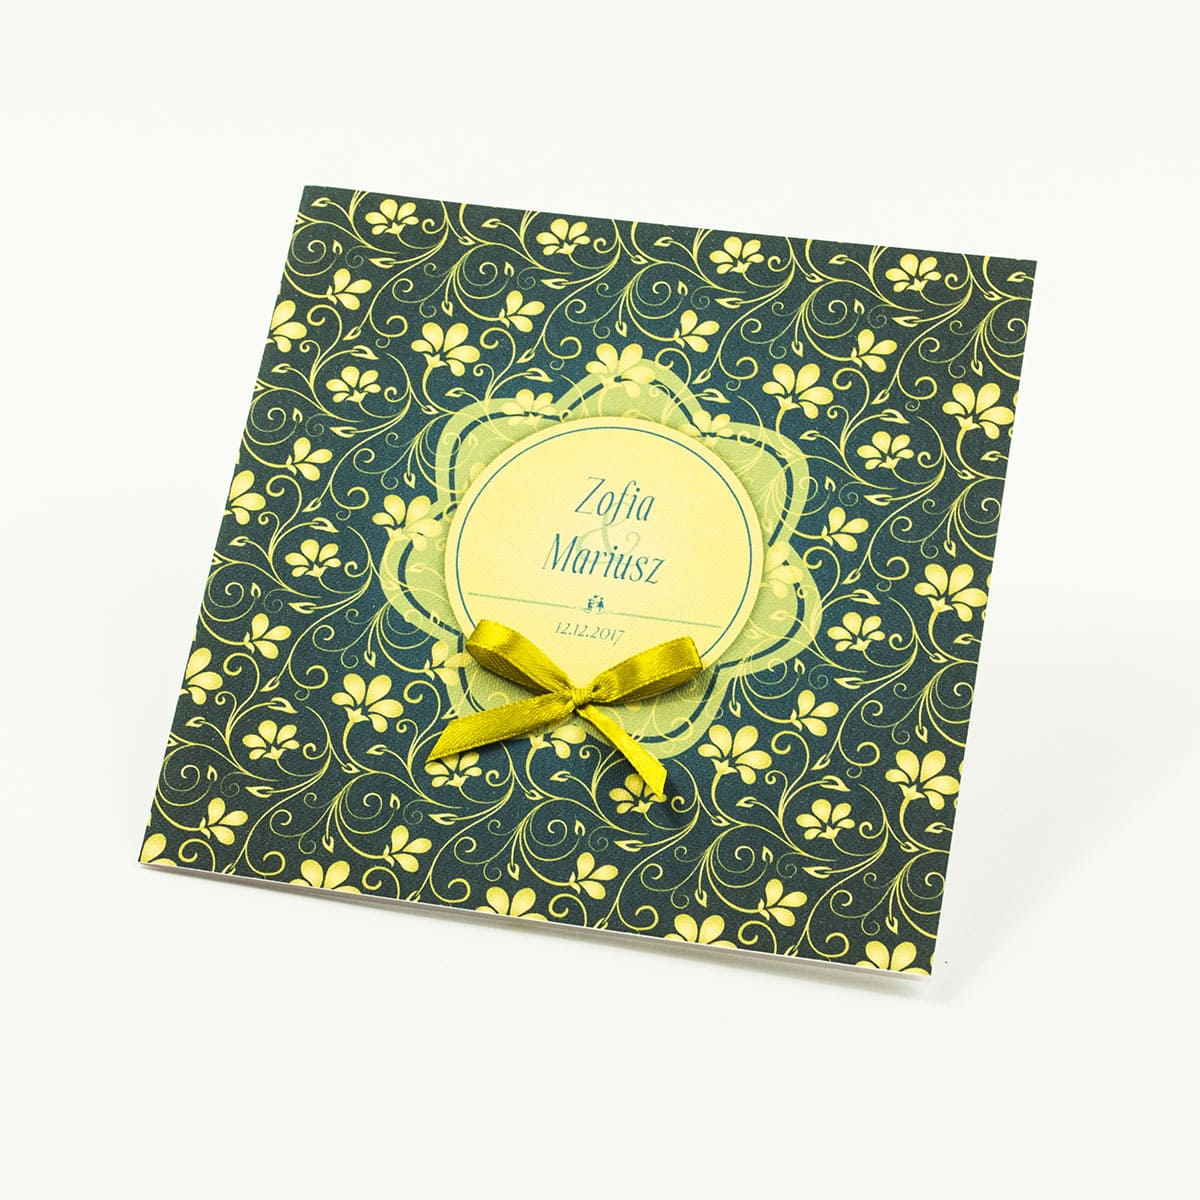 Zaproszenia designerskie - żółto-zielony motyw roślinny z żółtym motywem kwiatowym oraz satynową kokardką. ZAP-11-01